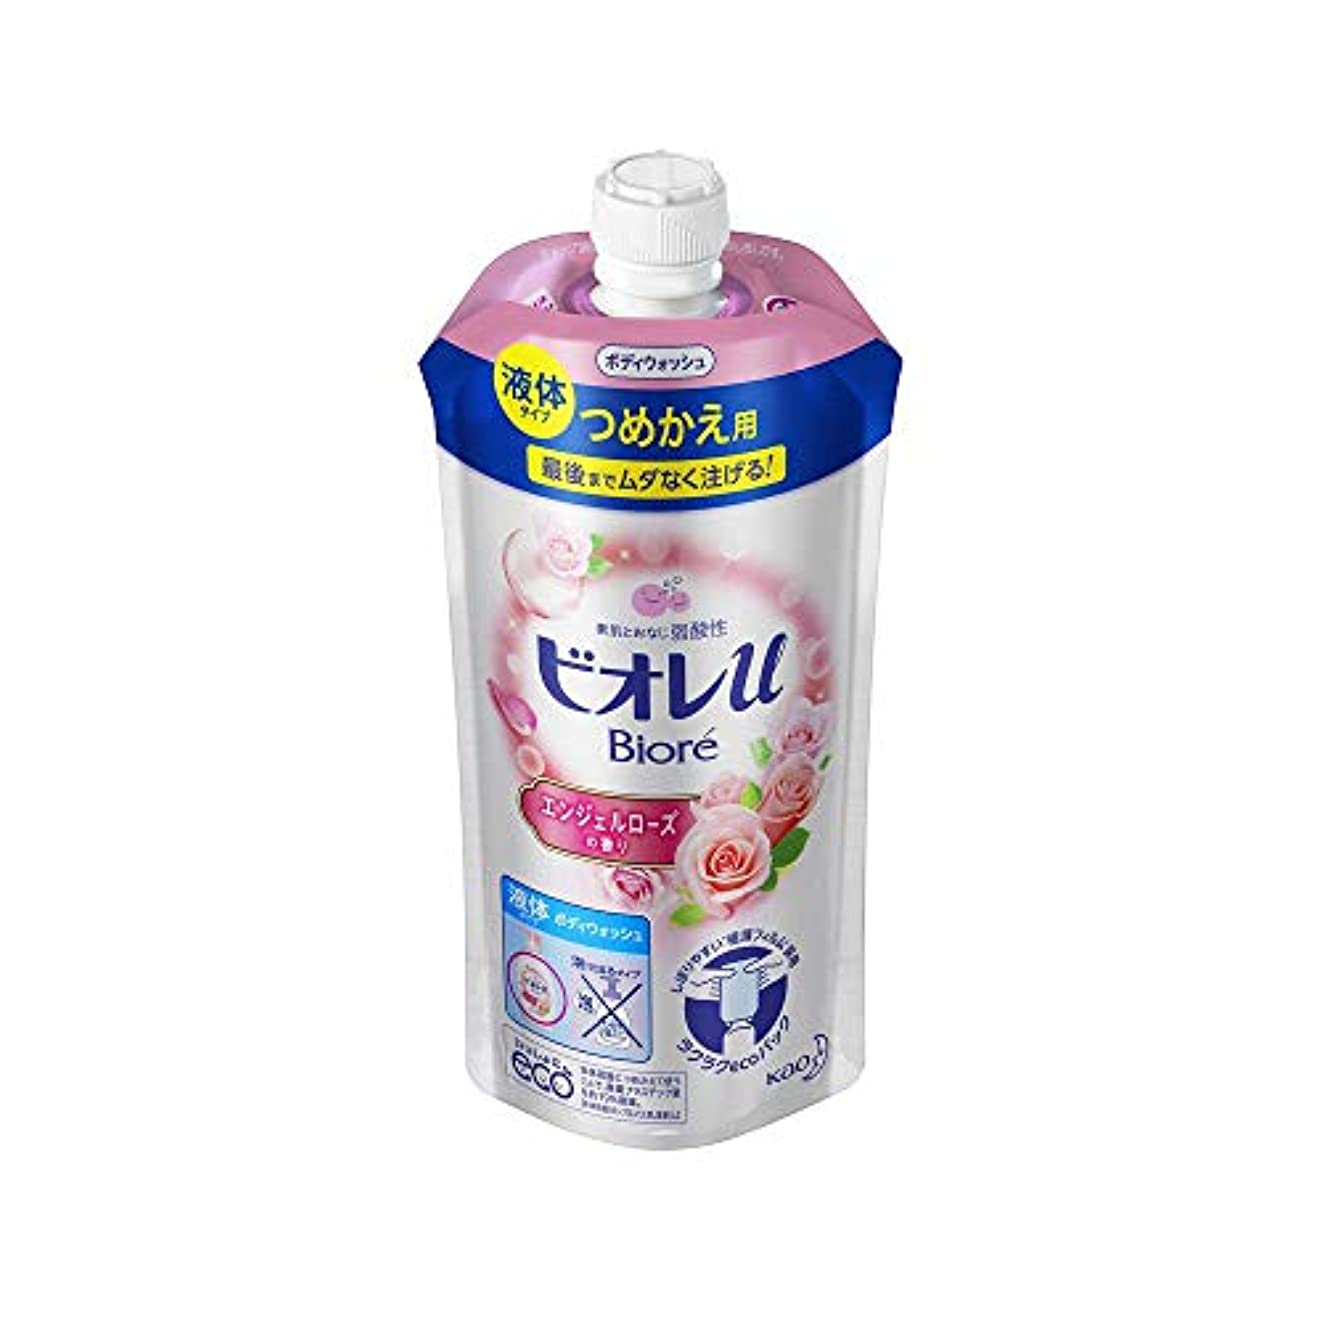 楽しむ優れた仲間花王 ビオレu エンジェルローズの香りつめかえ用 340ML